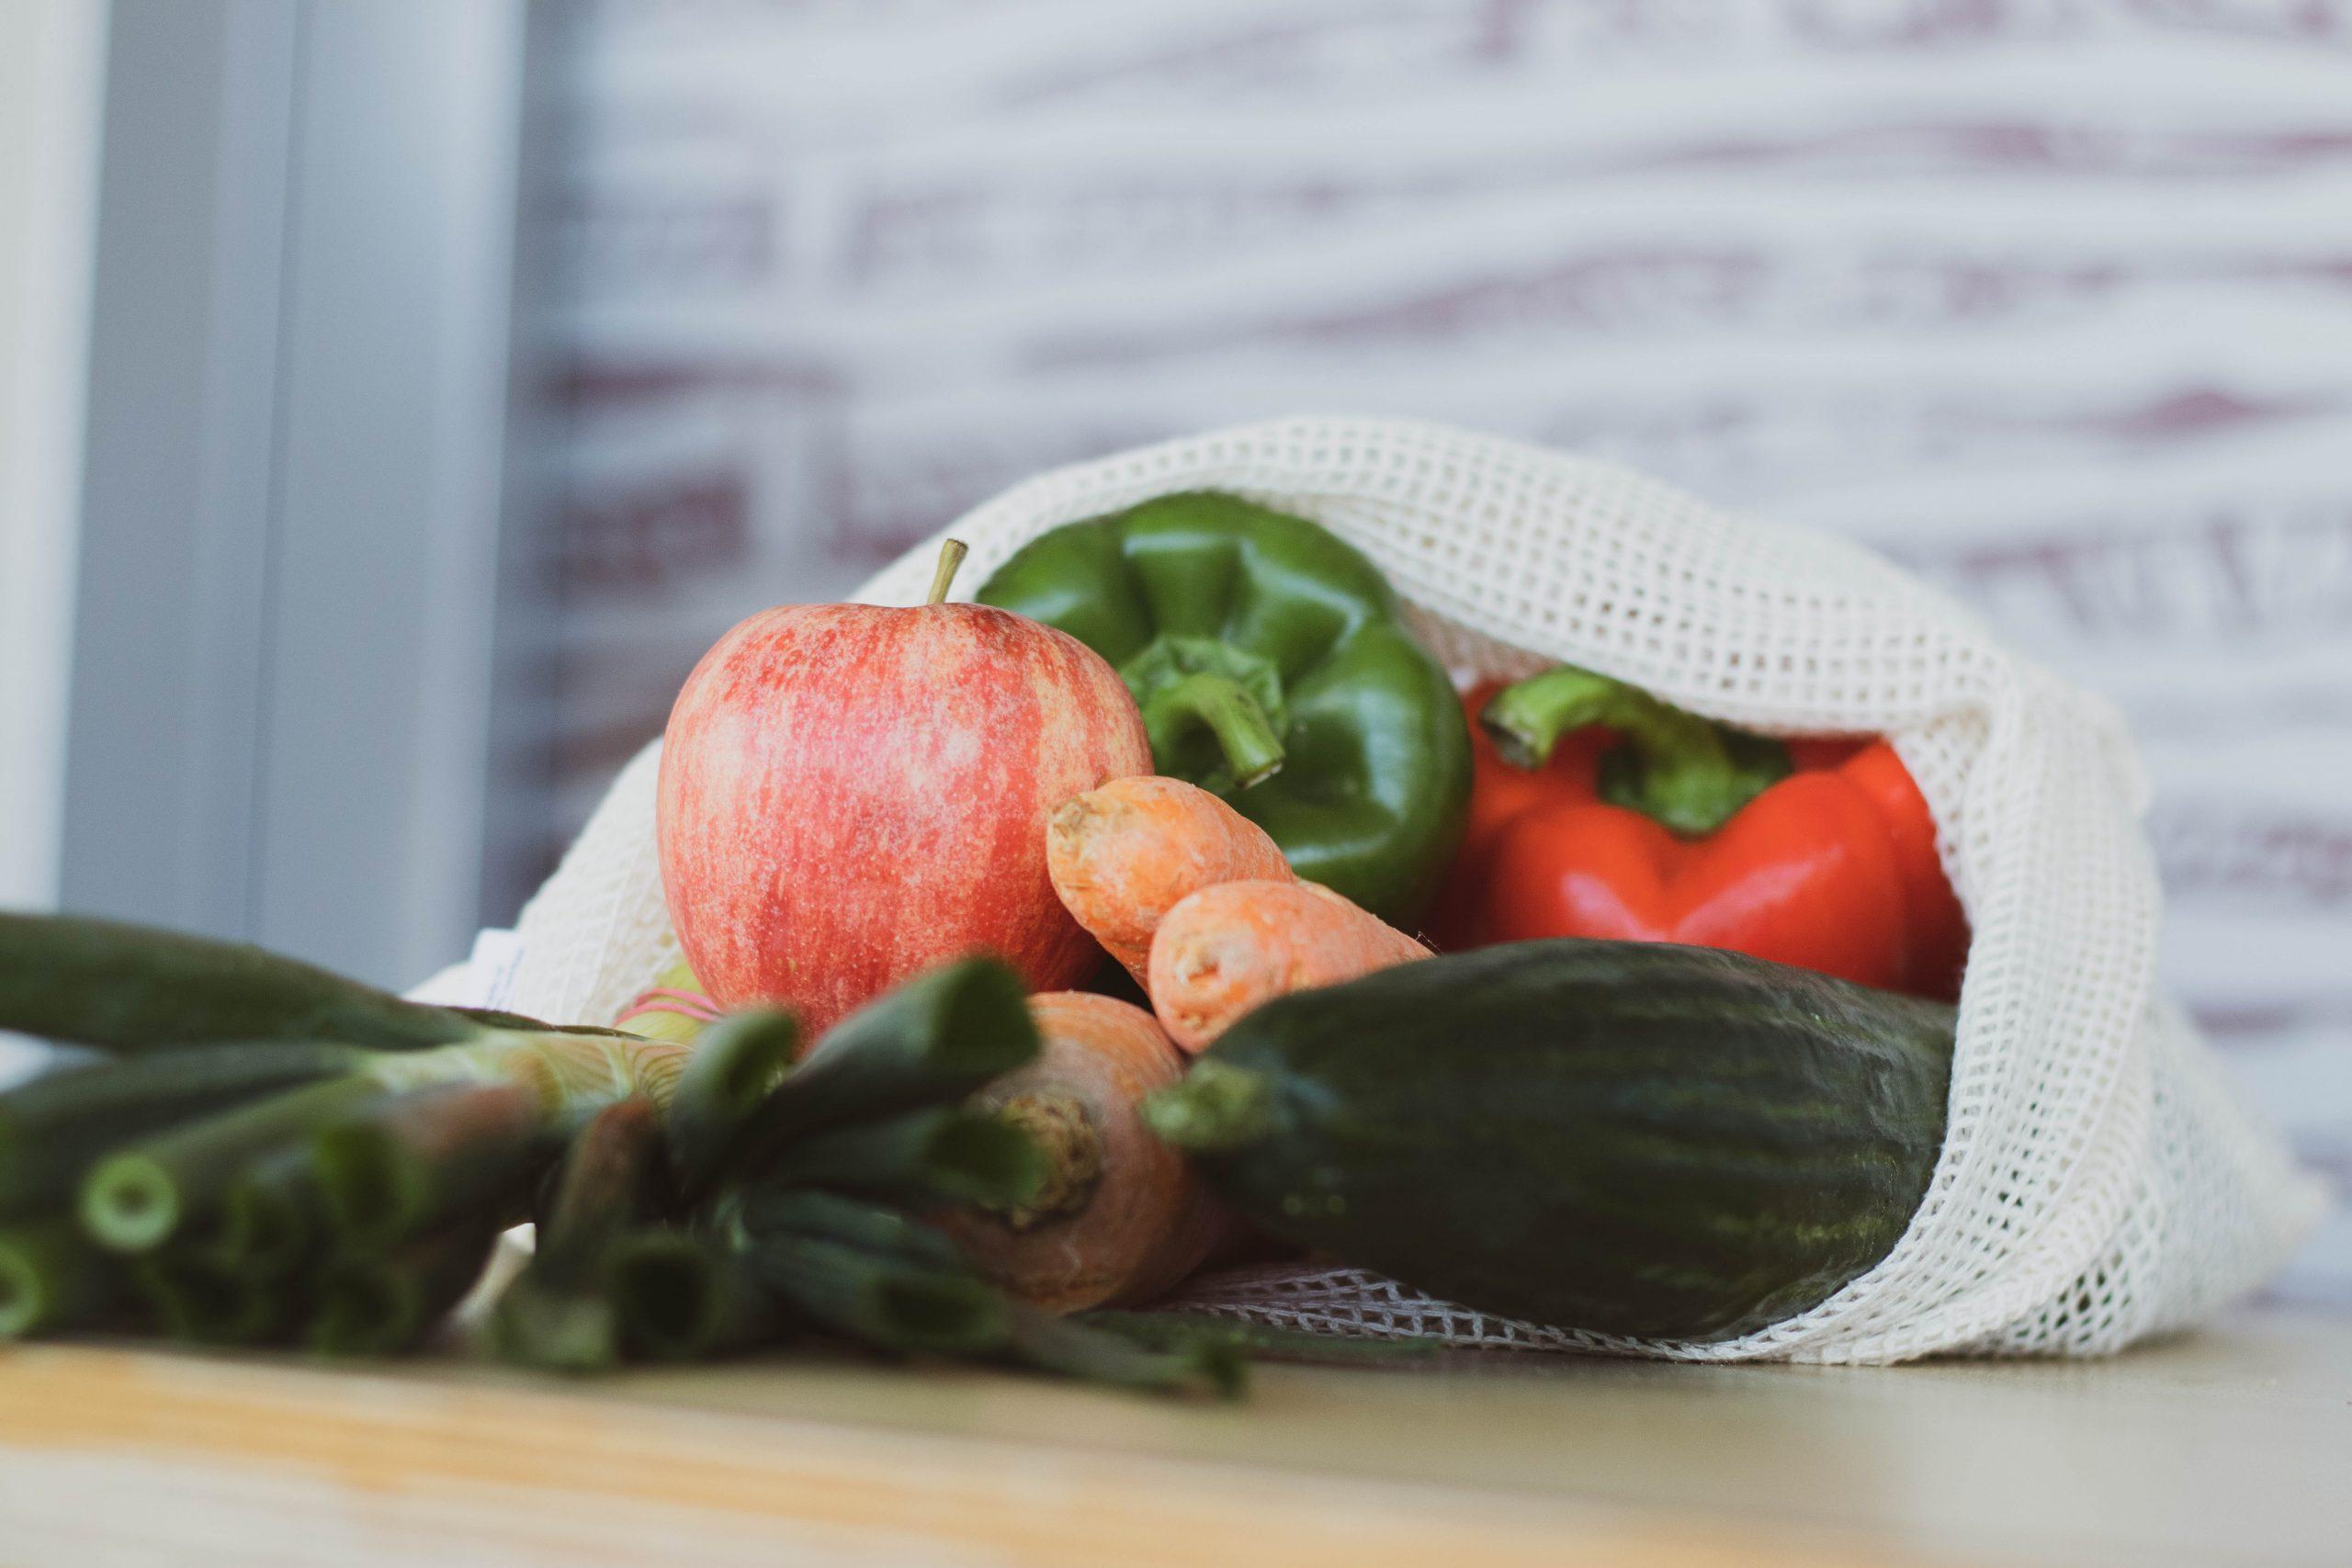 benjamin brunner bAcMAhWciiM unsplash 1 scaled - Jak przechowywać owoce iwarzywa aby nadłużej zachować ich świeżość?